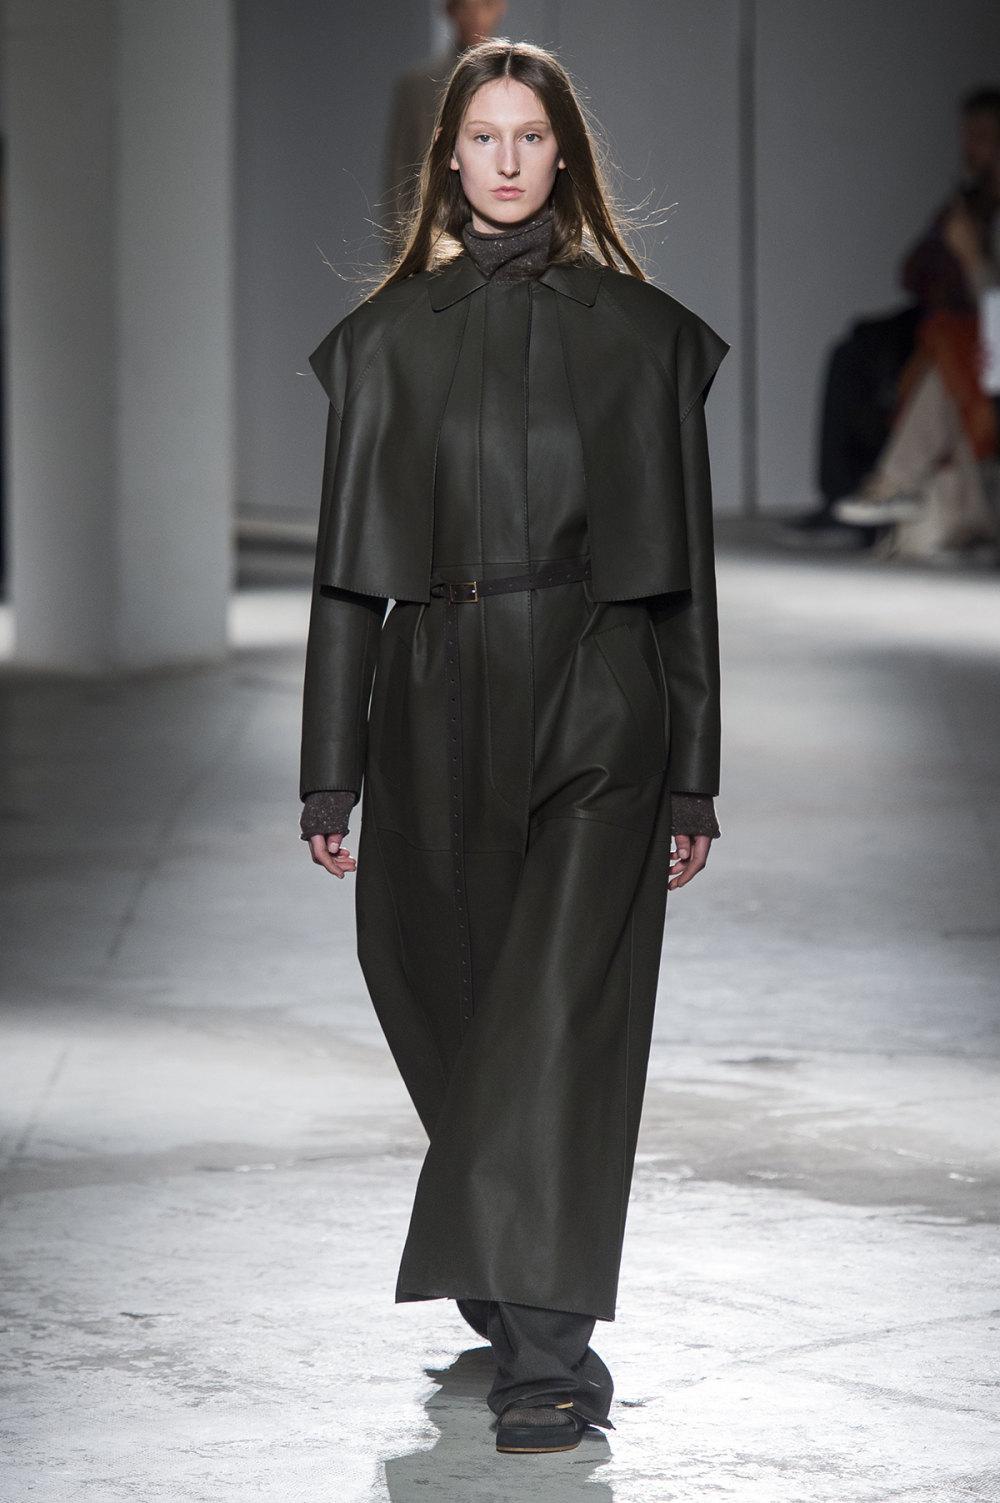 Agnona时装系列有纹理外套长而瘦有些穿着浴袍宽腿裤套装有巧克力-19.jpg